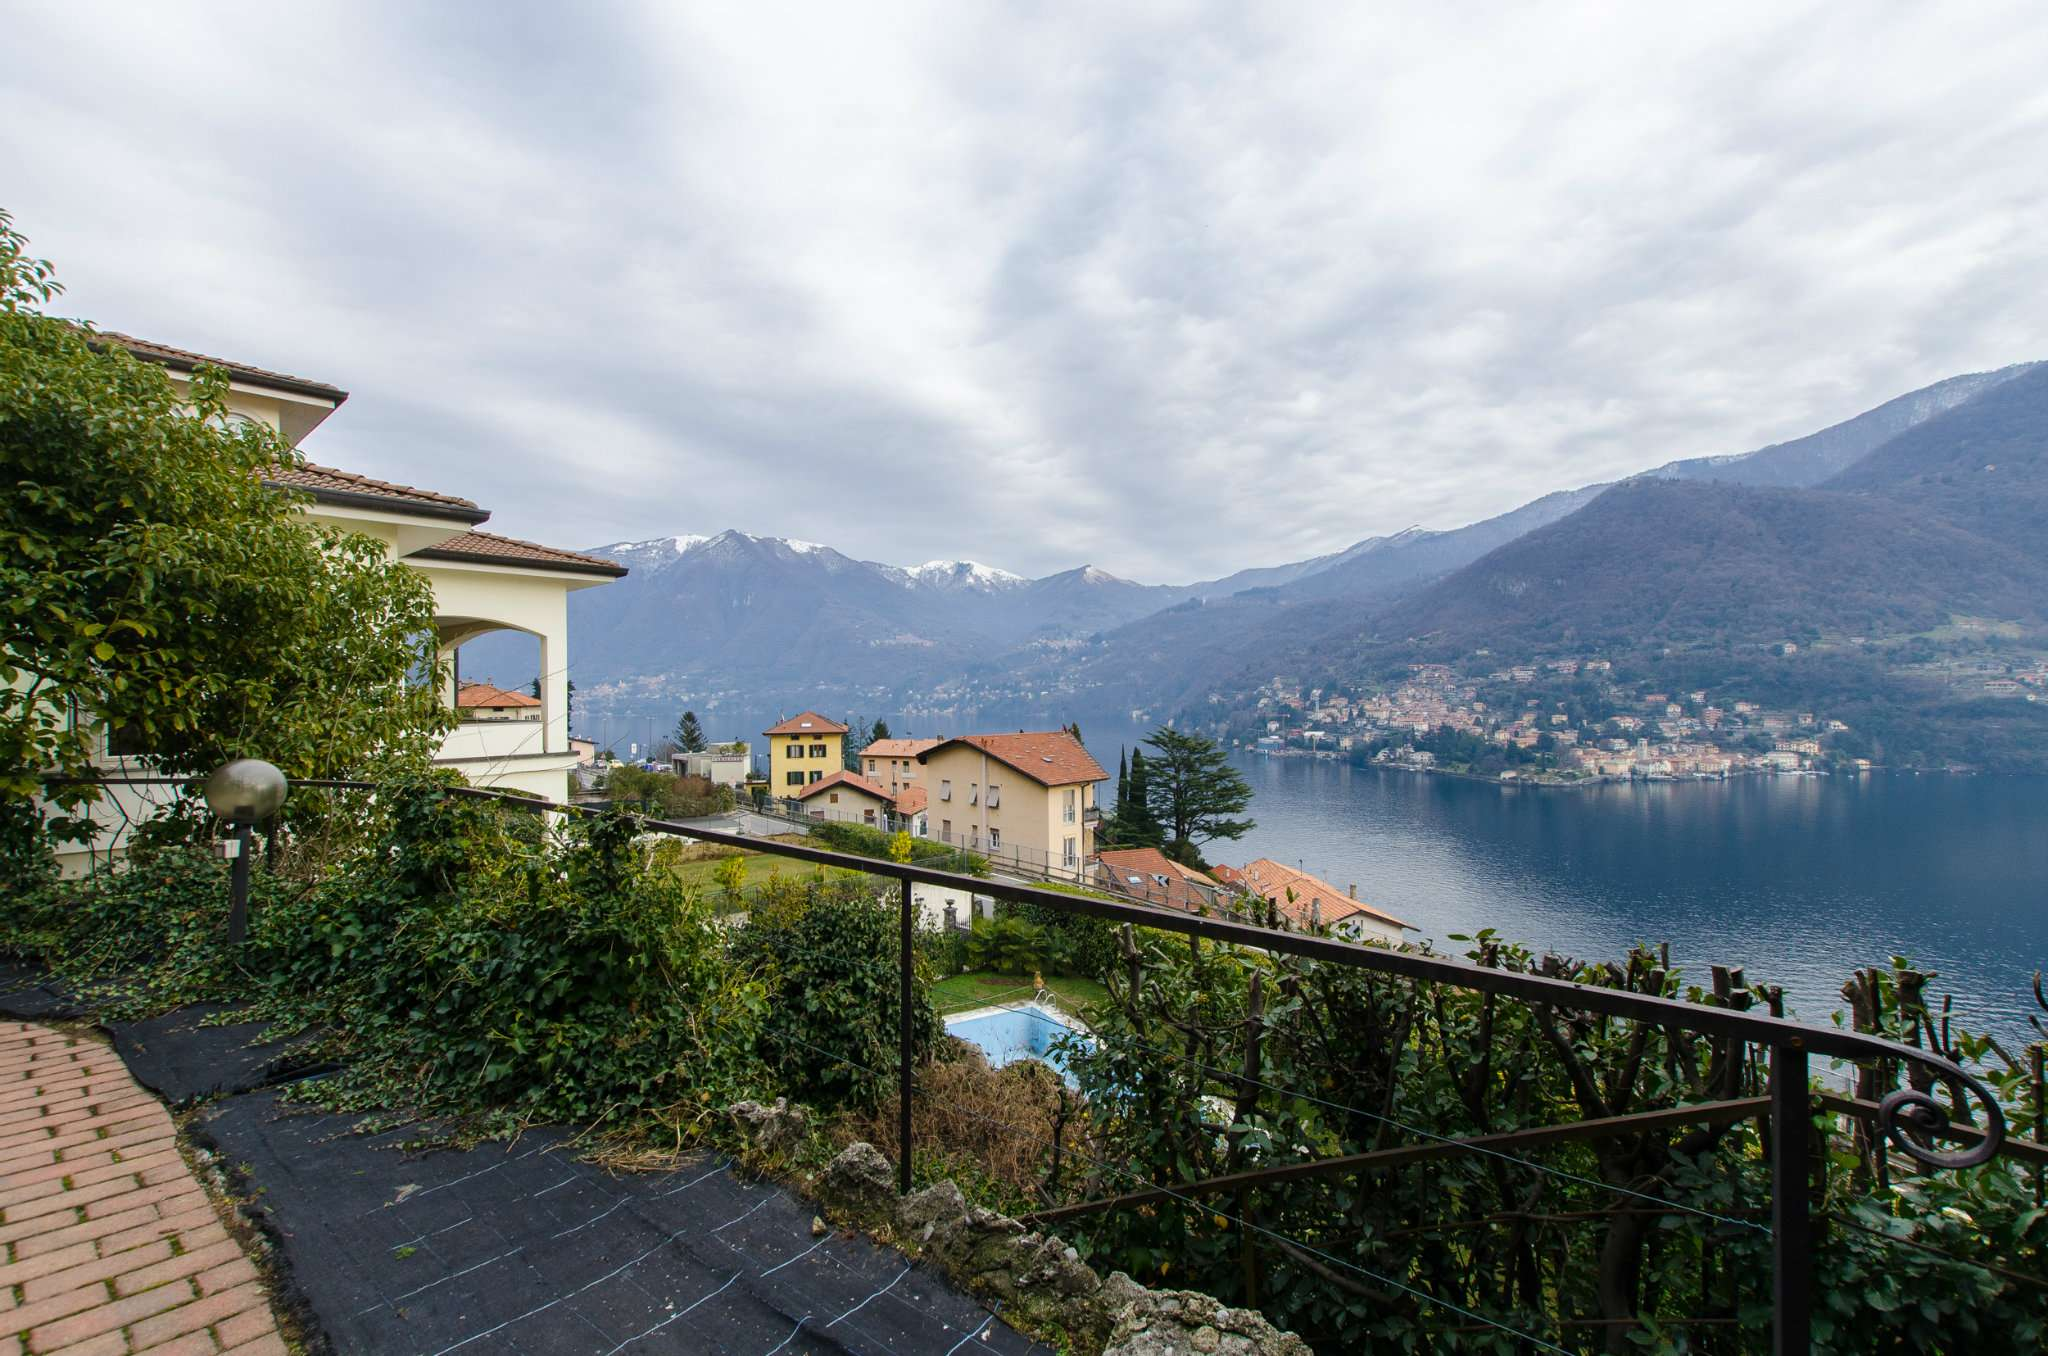 Attico / Mansarda in vendita a Moltrasio, 2 locali, prezzo € 550.000 | Cambio Casa.it